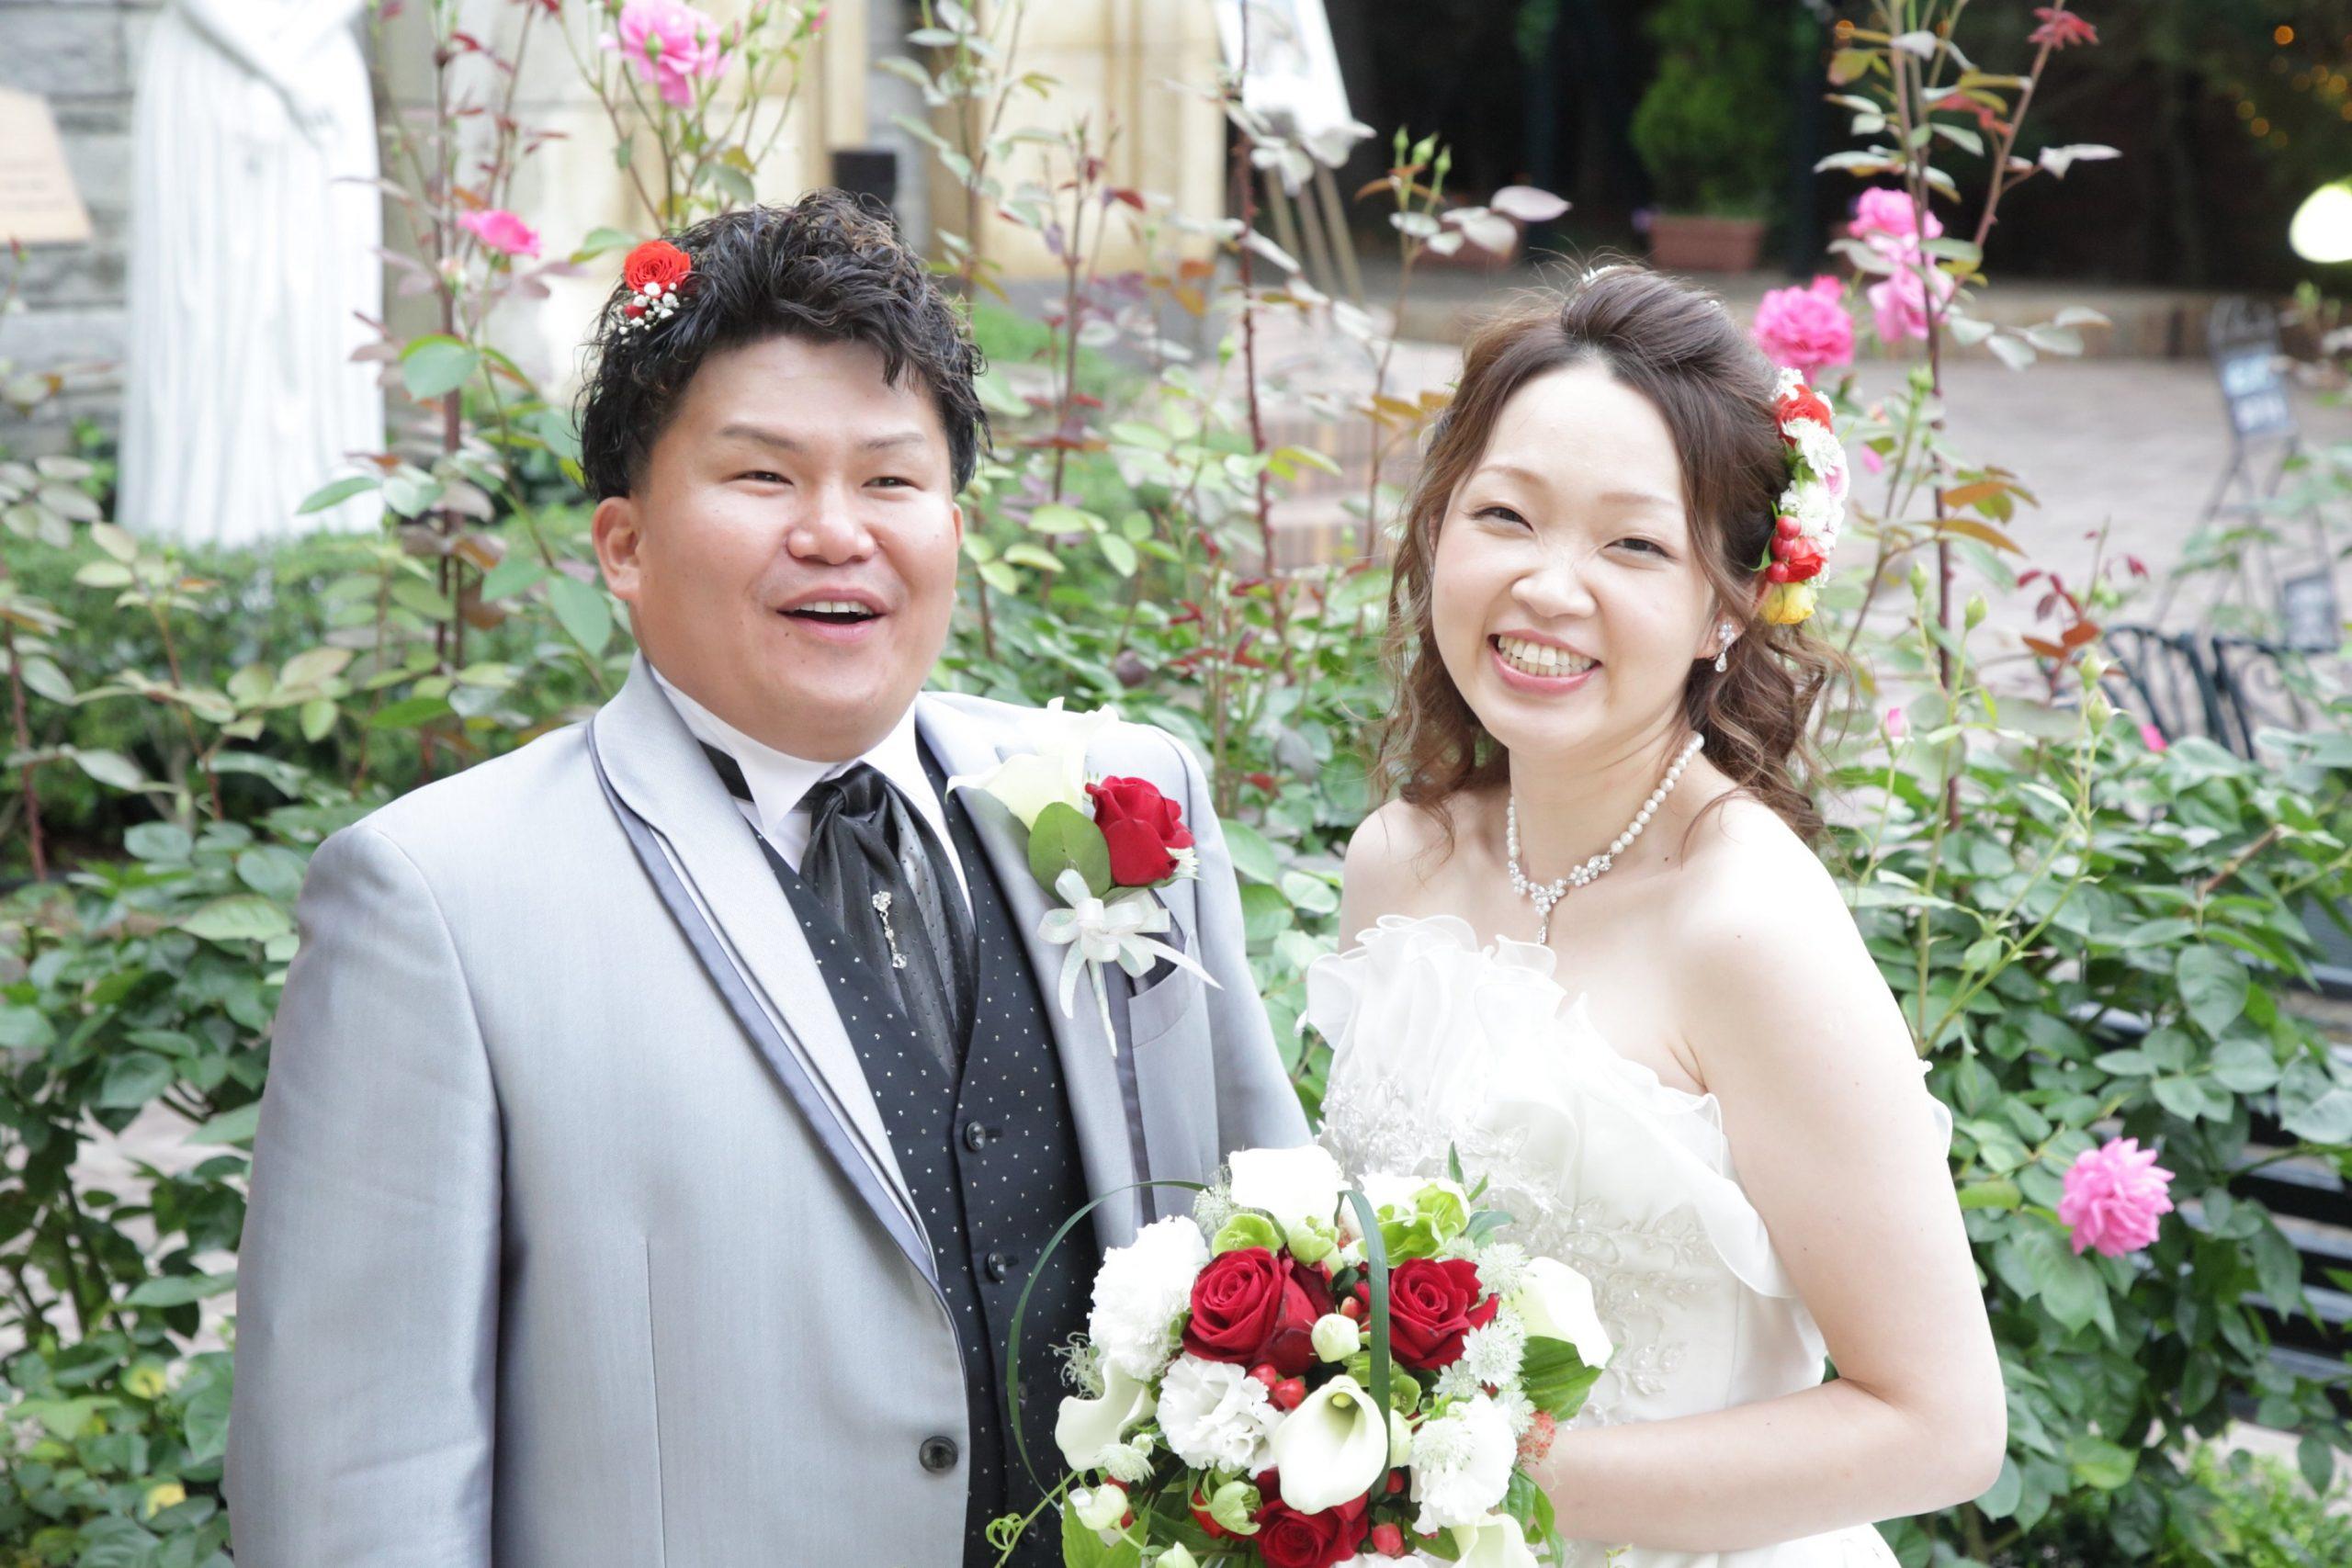 ニコニコ笑顔の結婚式(^-^)